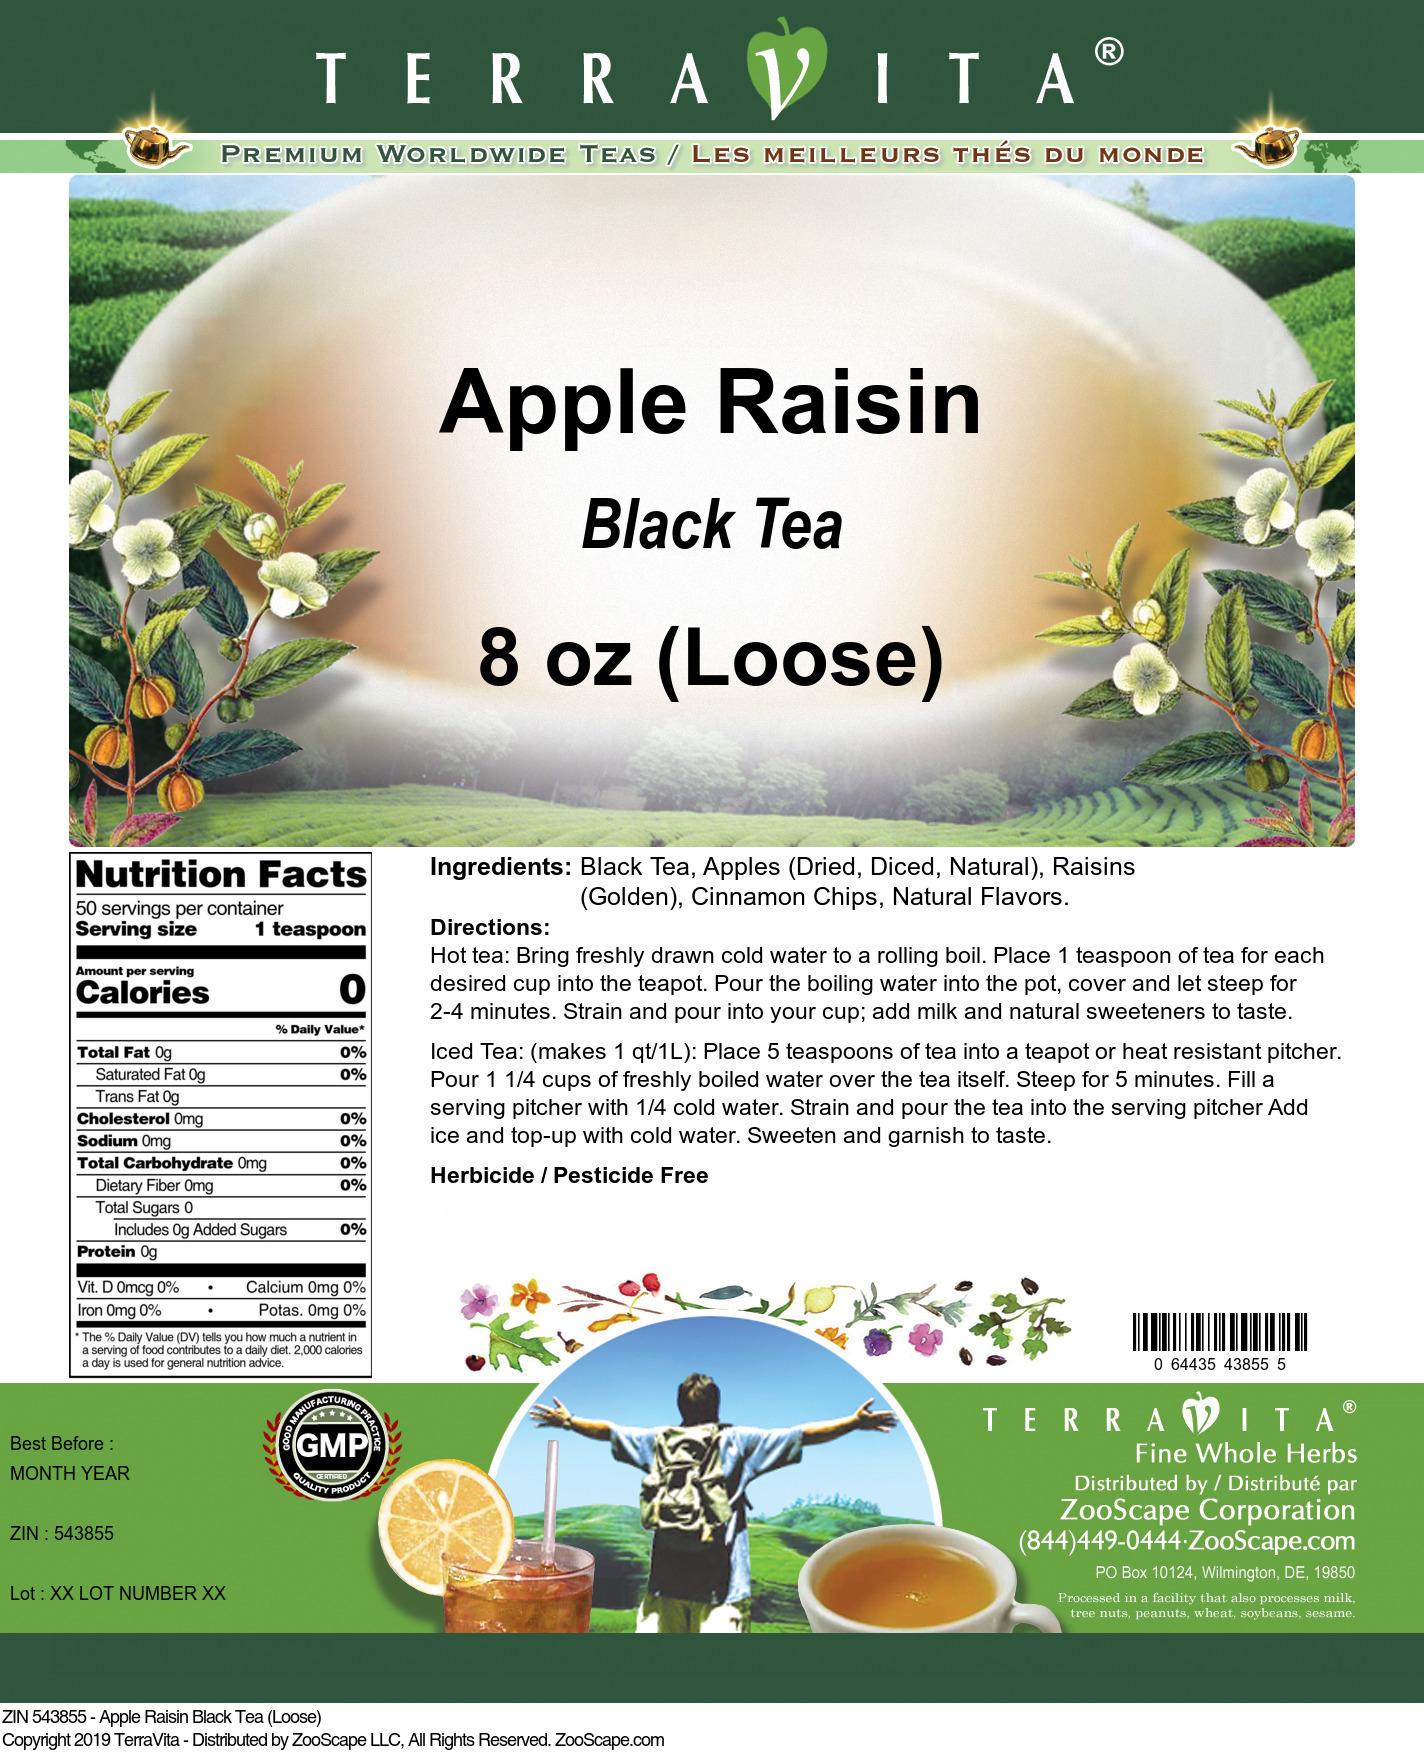 Apple Raisin Black Tea (Loose)